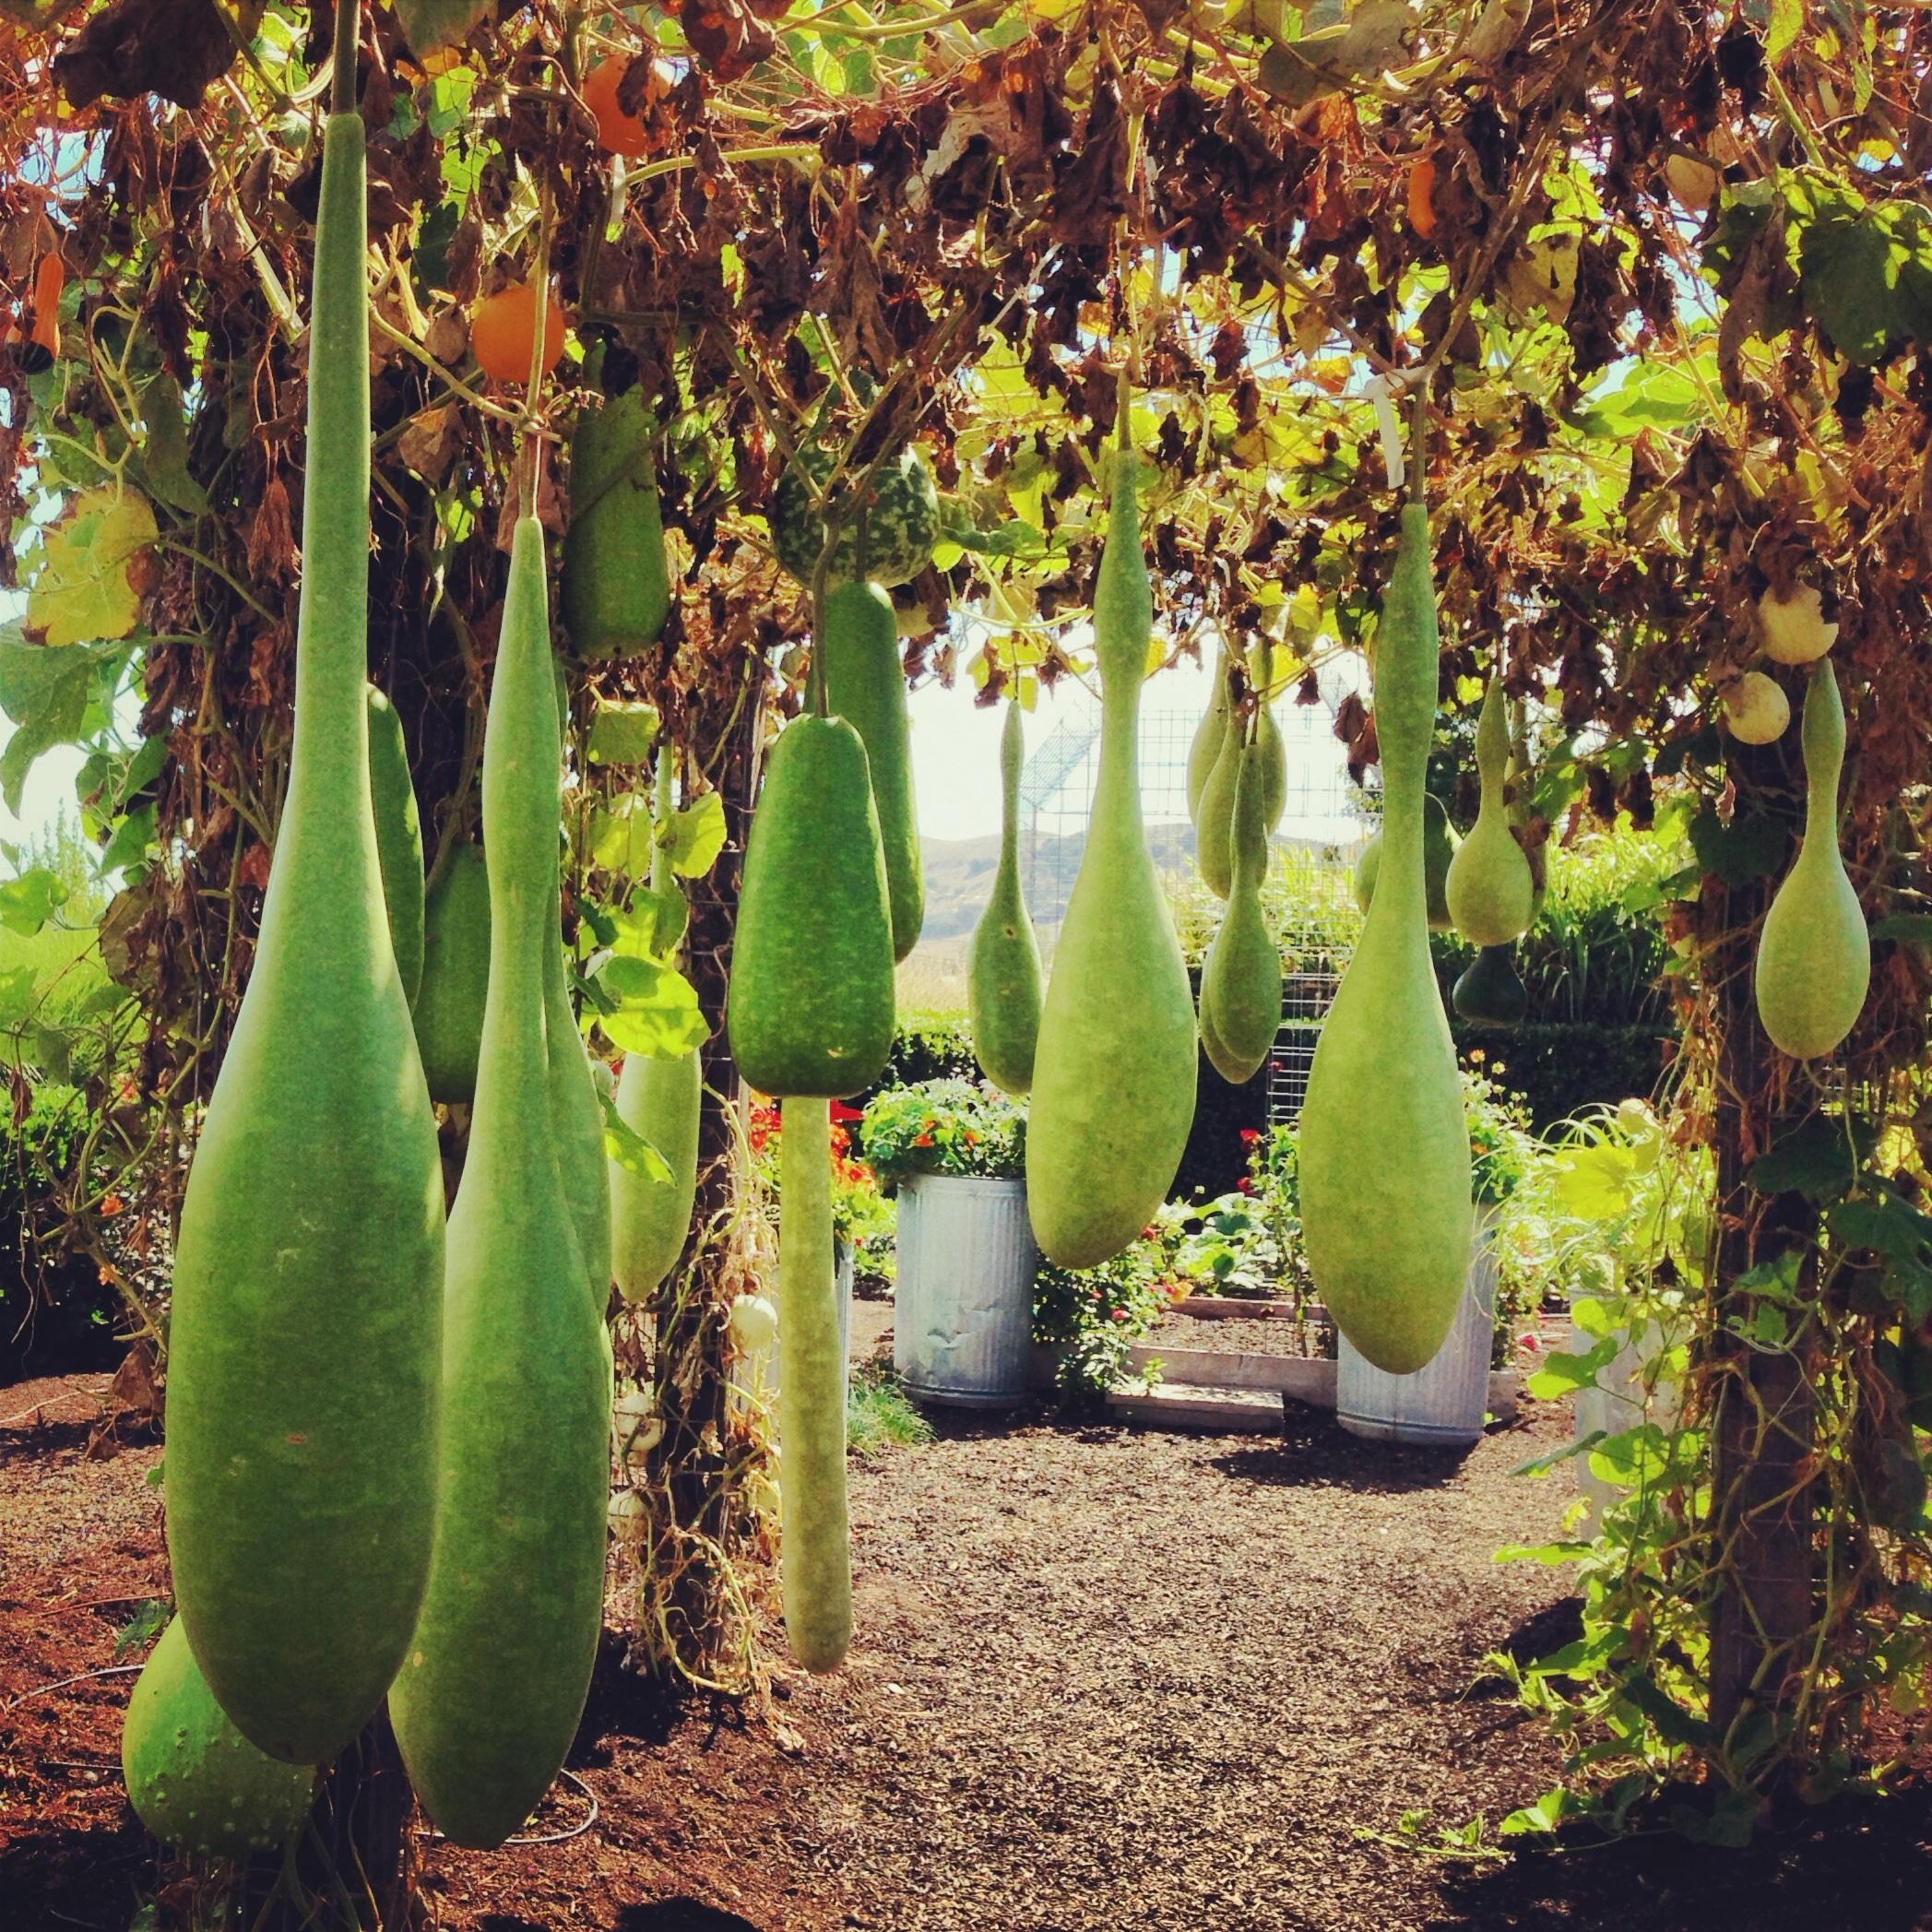 Free Images Landscape Cactus Bloom Summer Food Spring